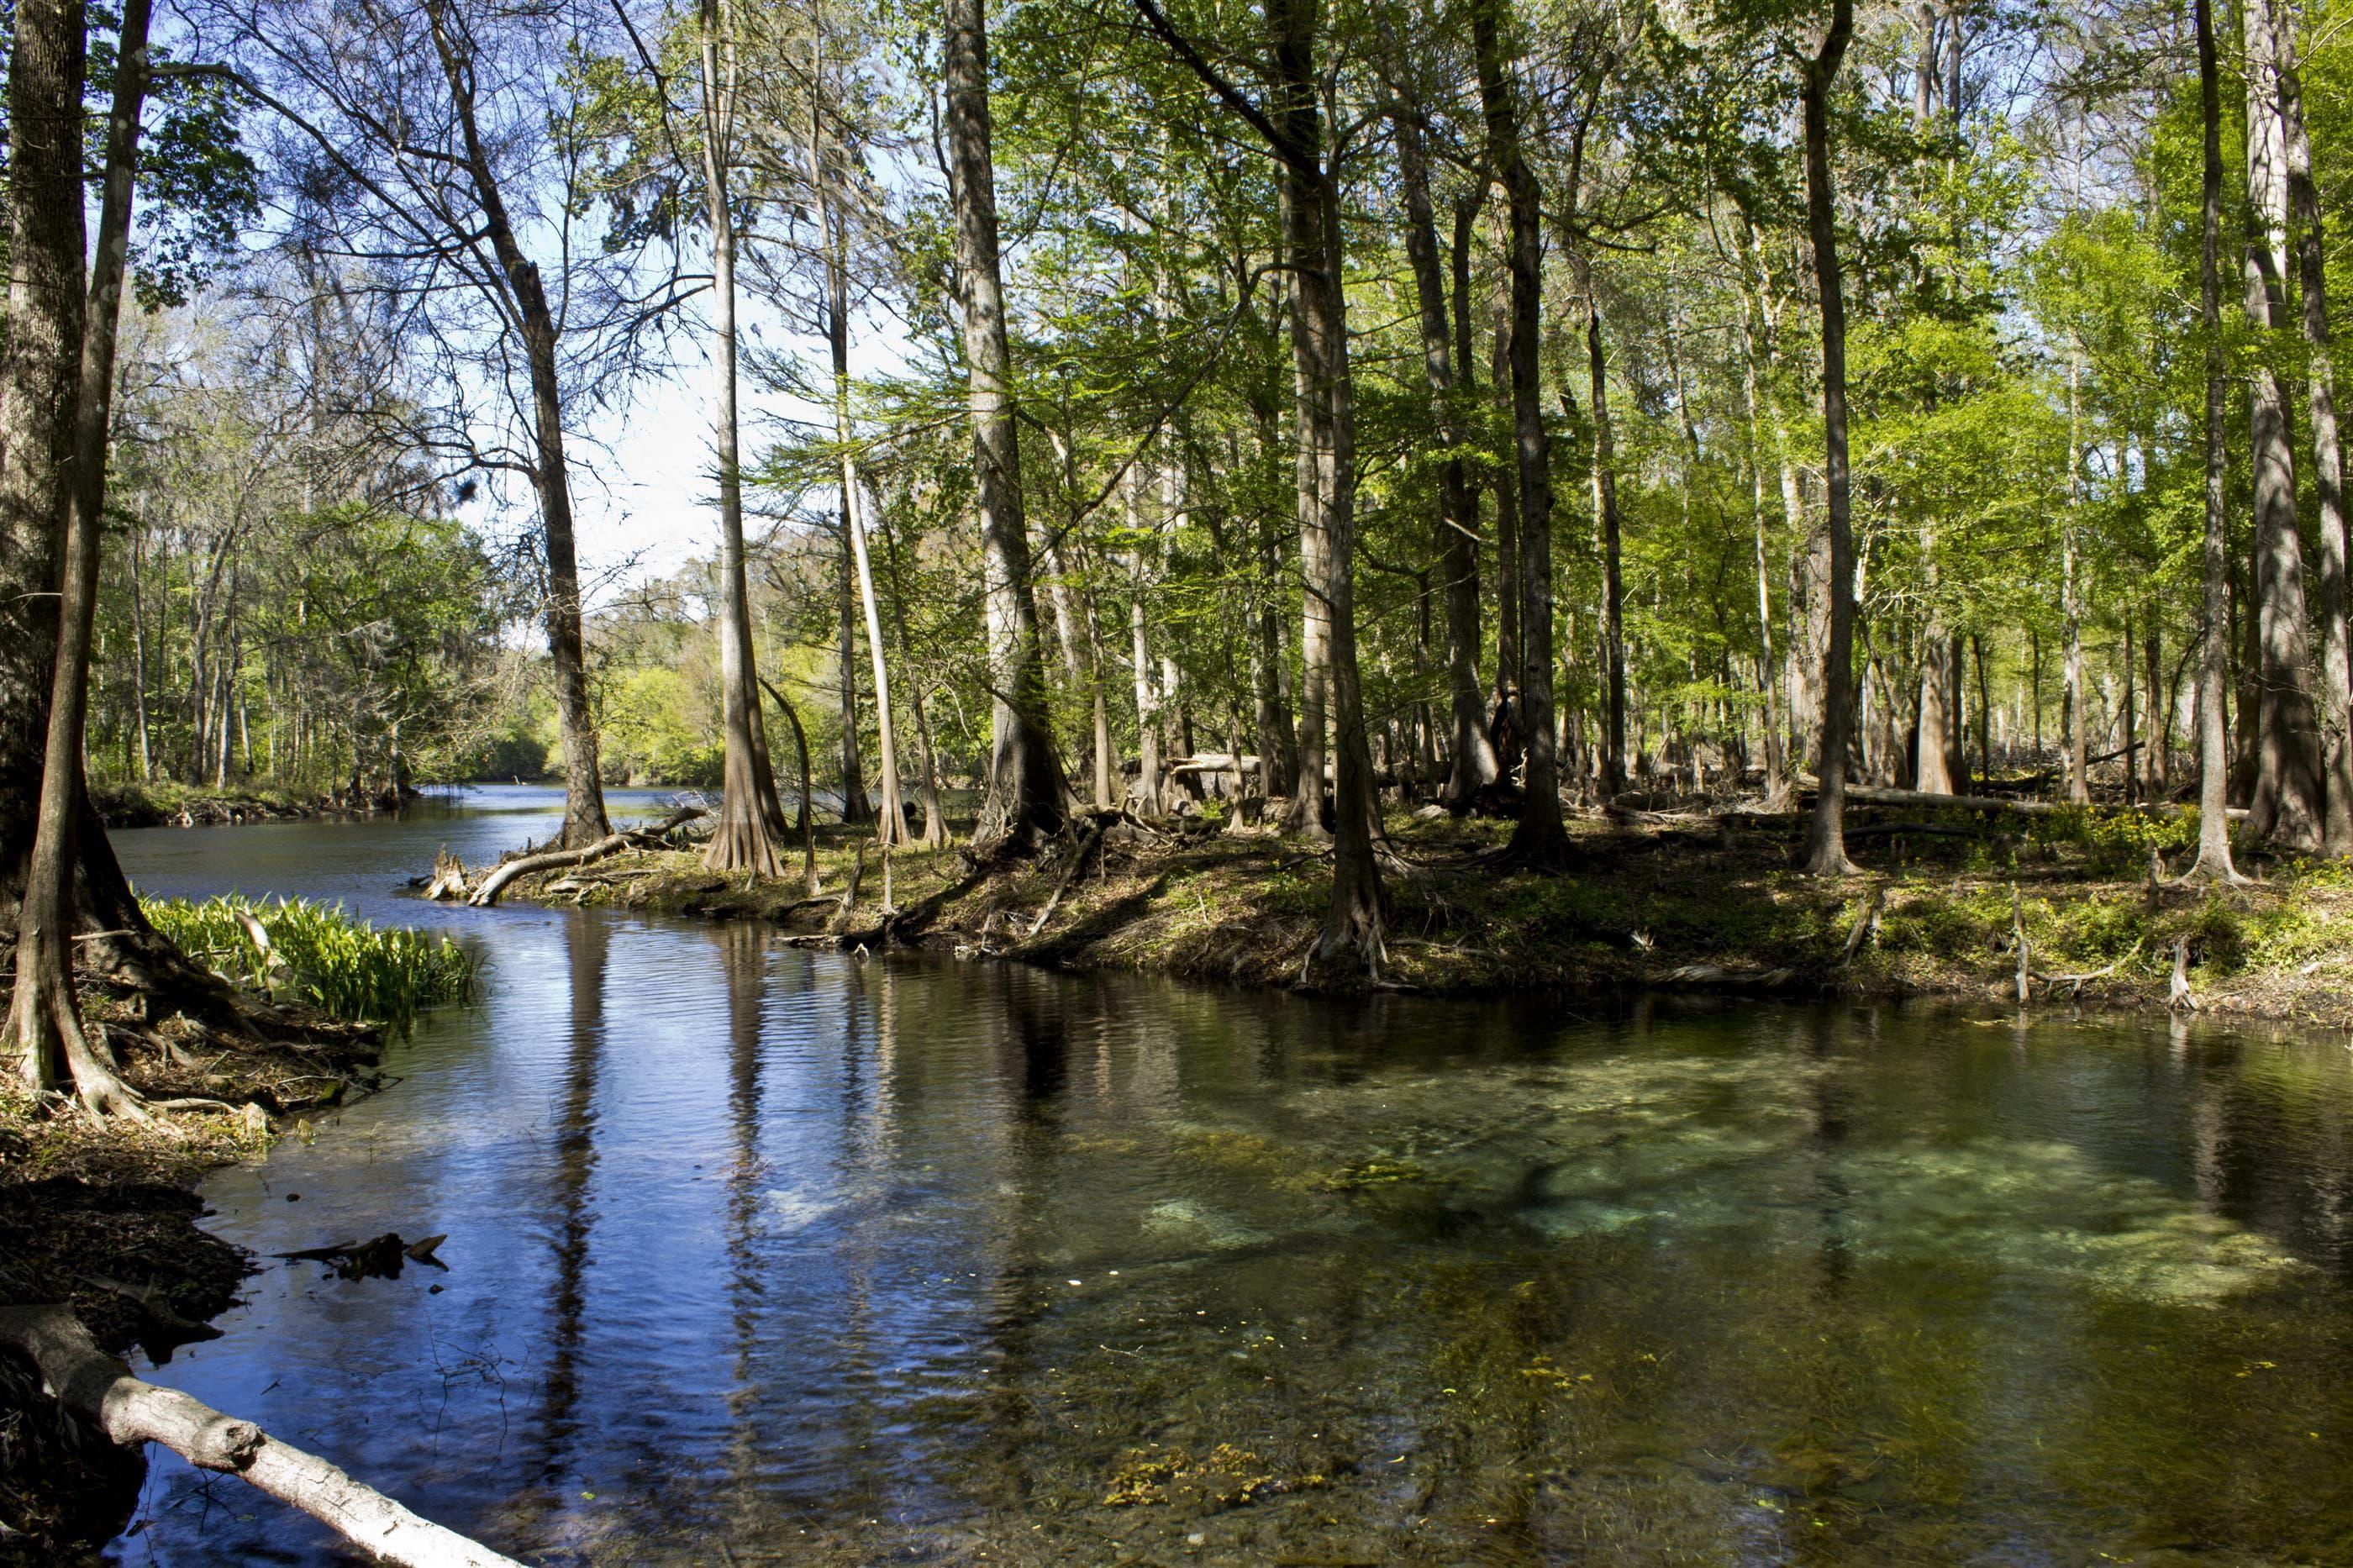 Santa Fe Springs property in Columbia County FL